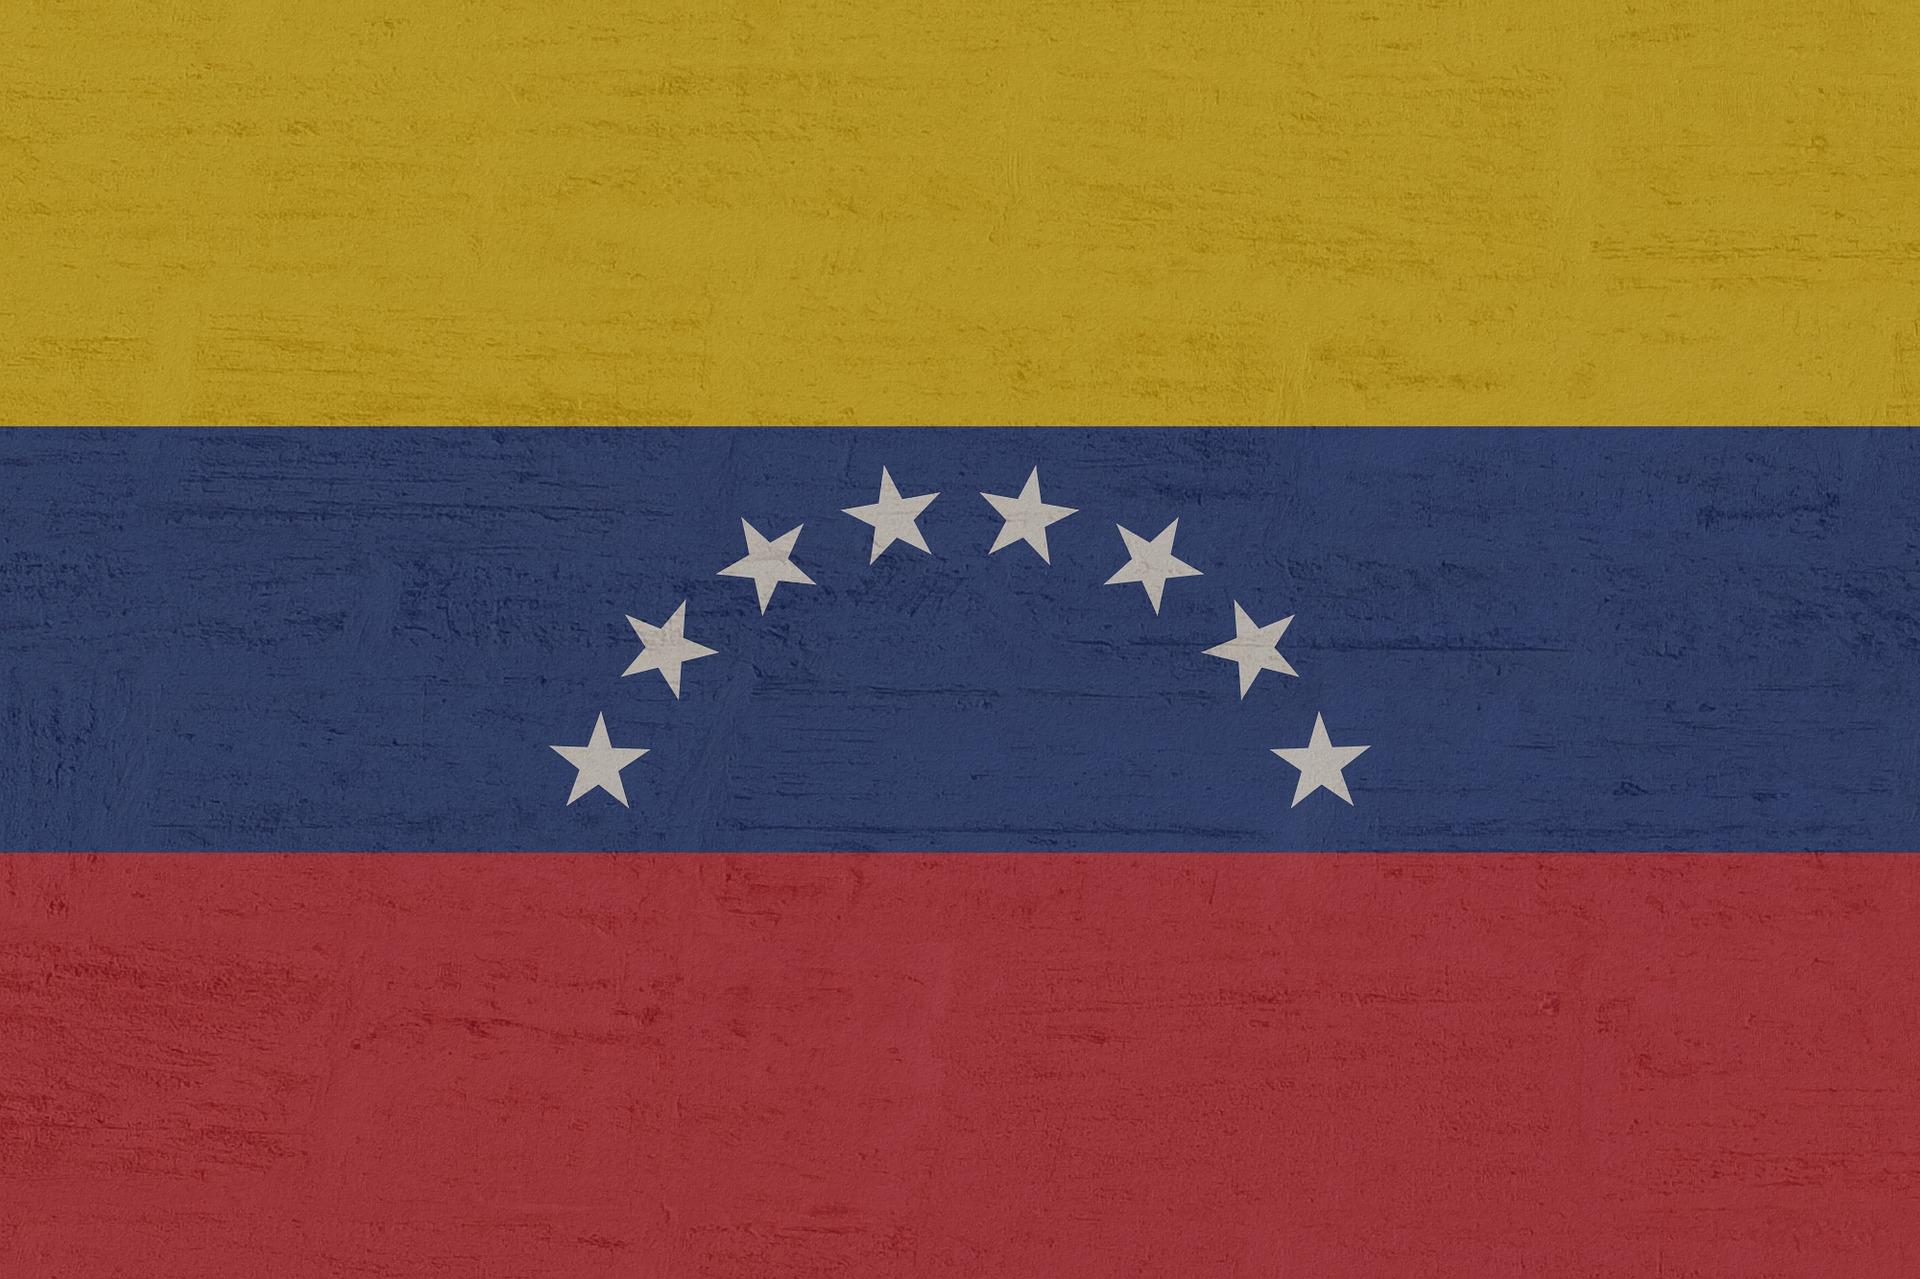 Sunacrip lanza Venezuela Exchange, una plataforma que permite el comercio P2P de criptomonedas y petros con bolívares